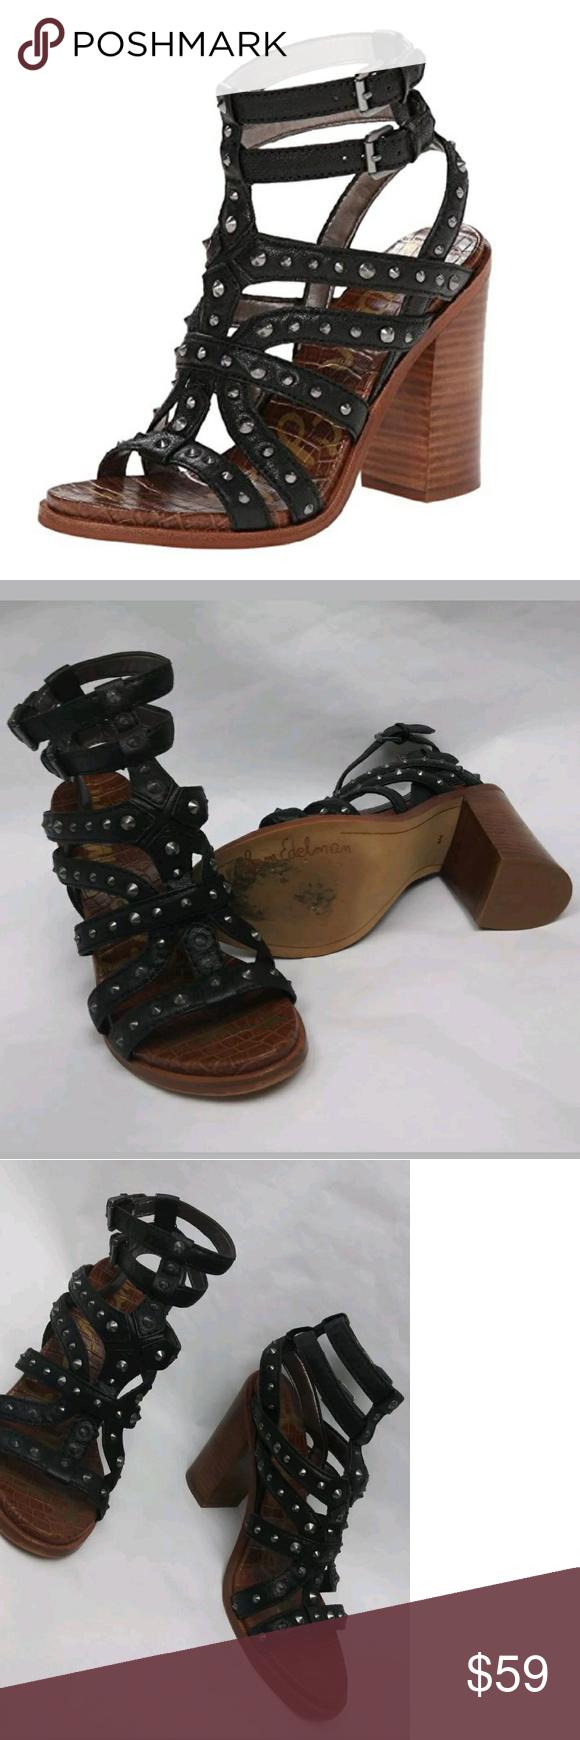 ed55607024af4 Sam Edelman Keith Embossed Footbed Studded Sandals Sam Edelman Keith Croc  Embossed Footbed Studded Sandal Size